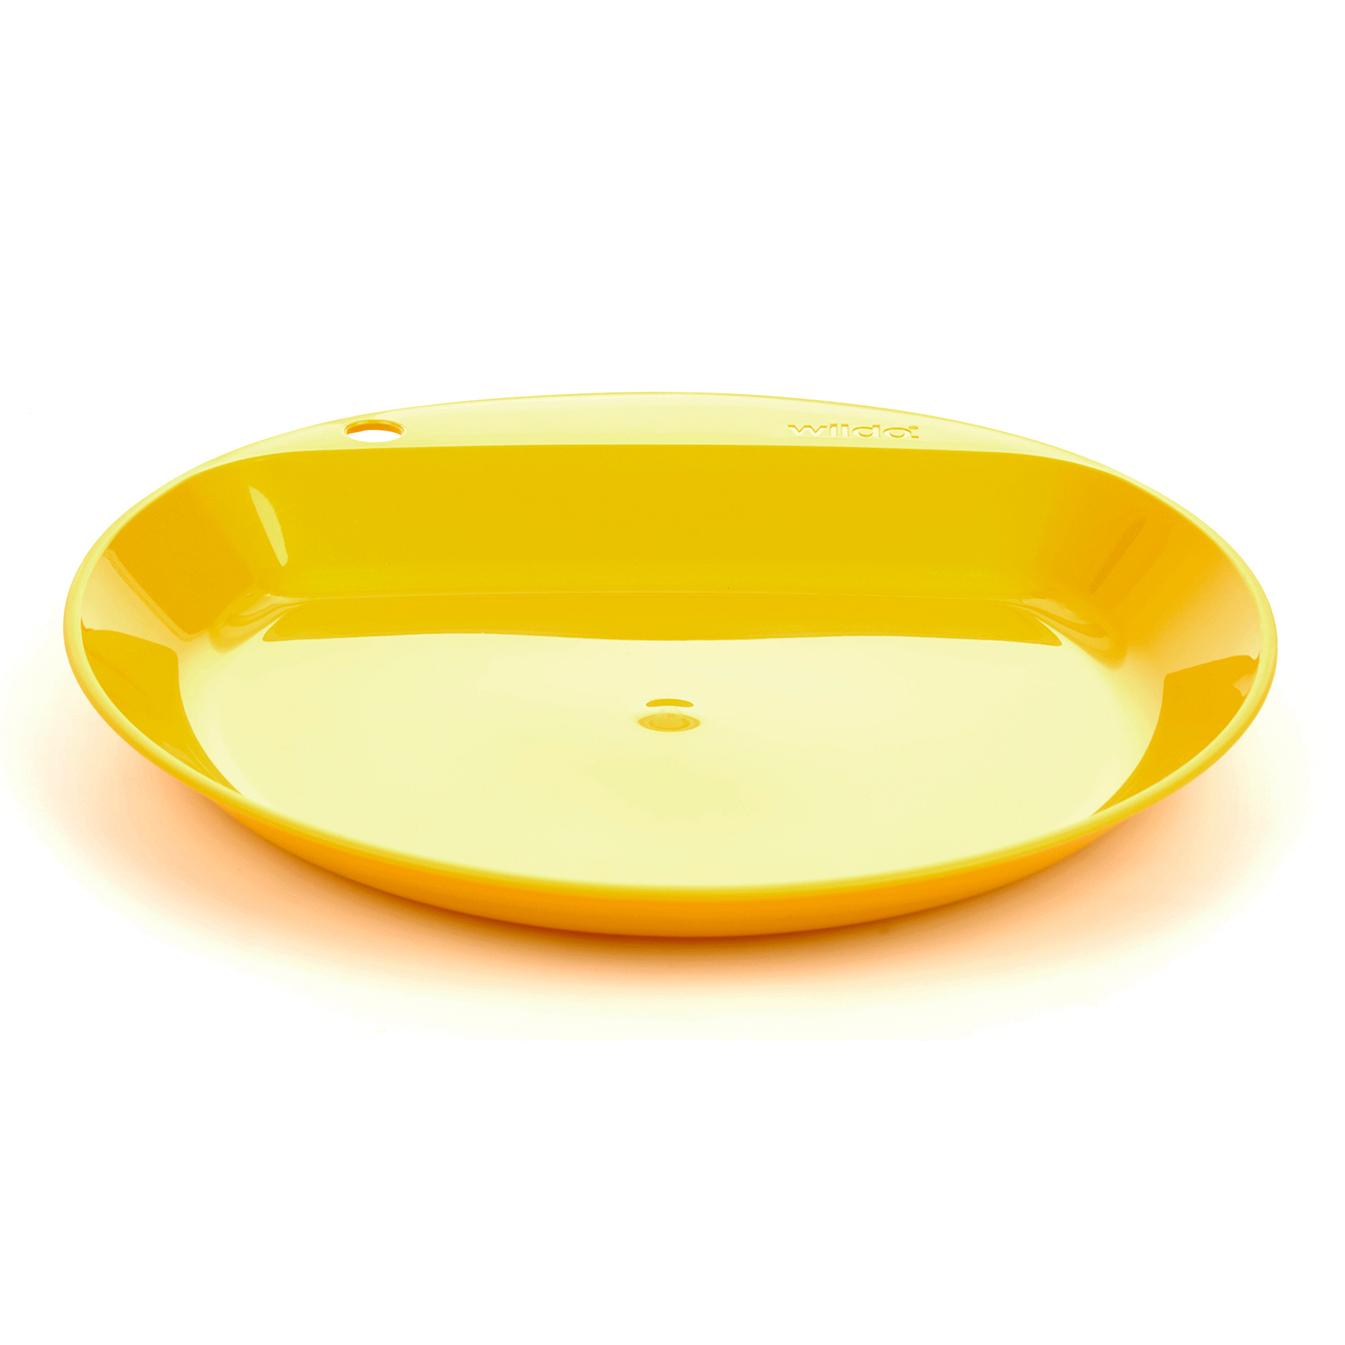 Wildo Flacher Teller - lemon